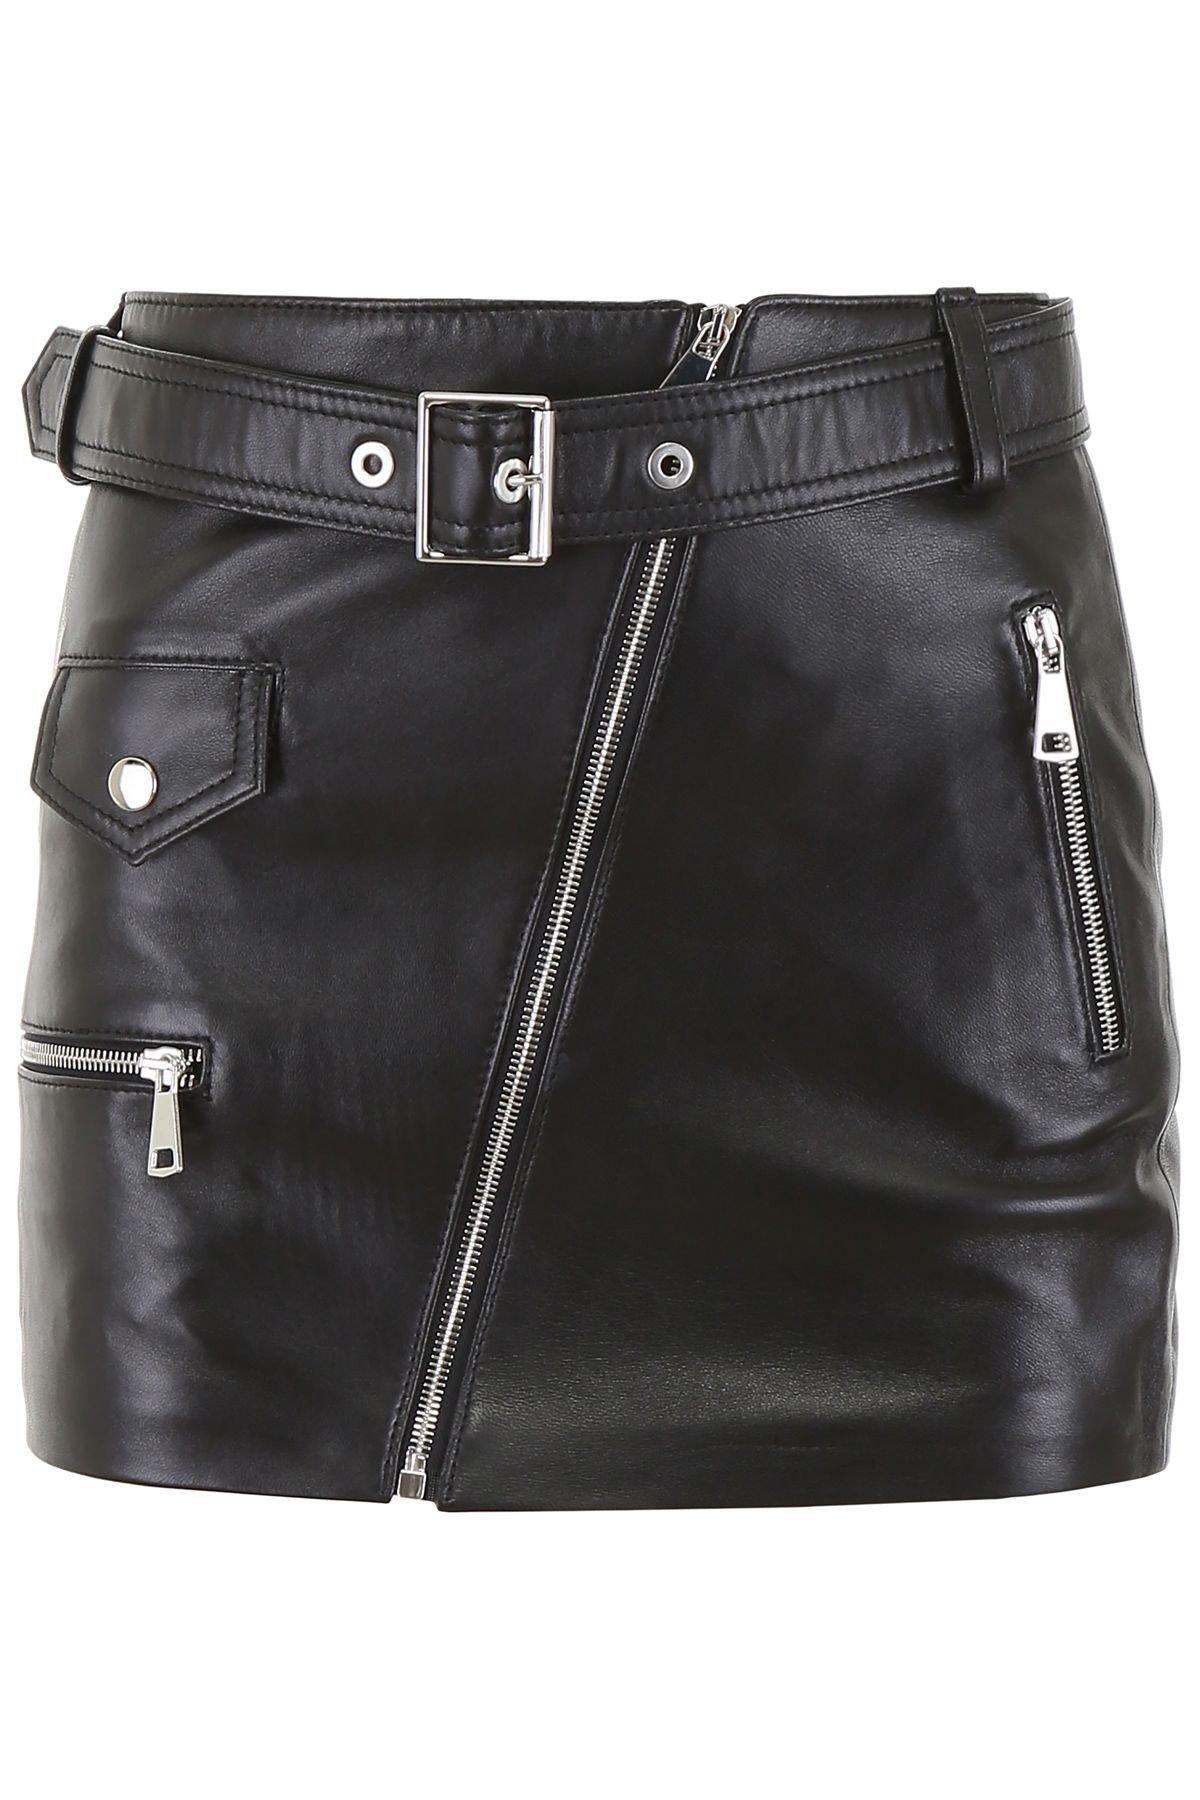 Manokhi Leather Biker Skirt